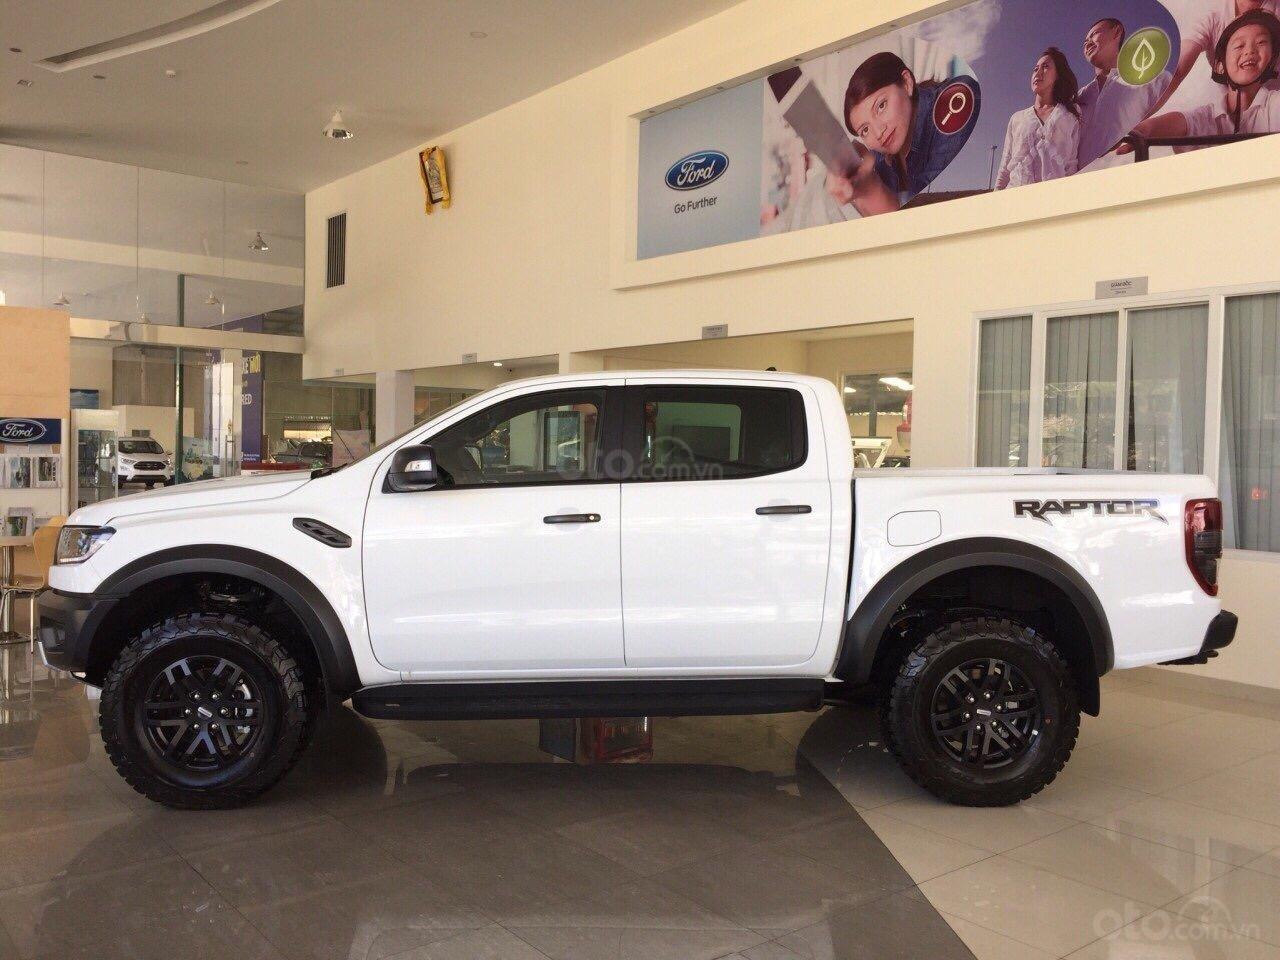 Cần bán xe Ford Ranger Raptor đủ màu, giao xe ngay, hỗ trợ trả góp 80%-1